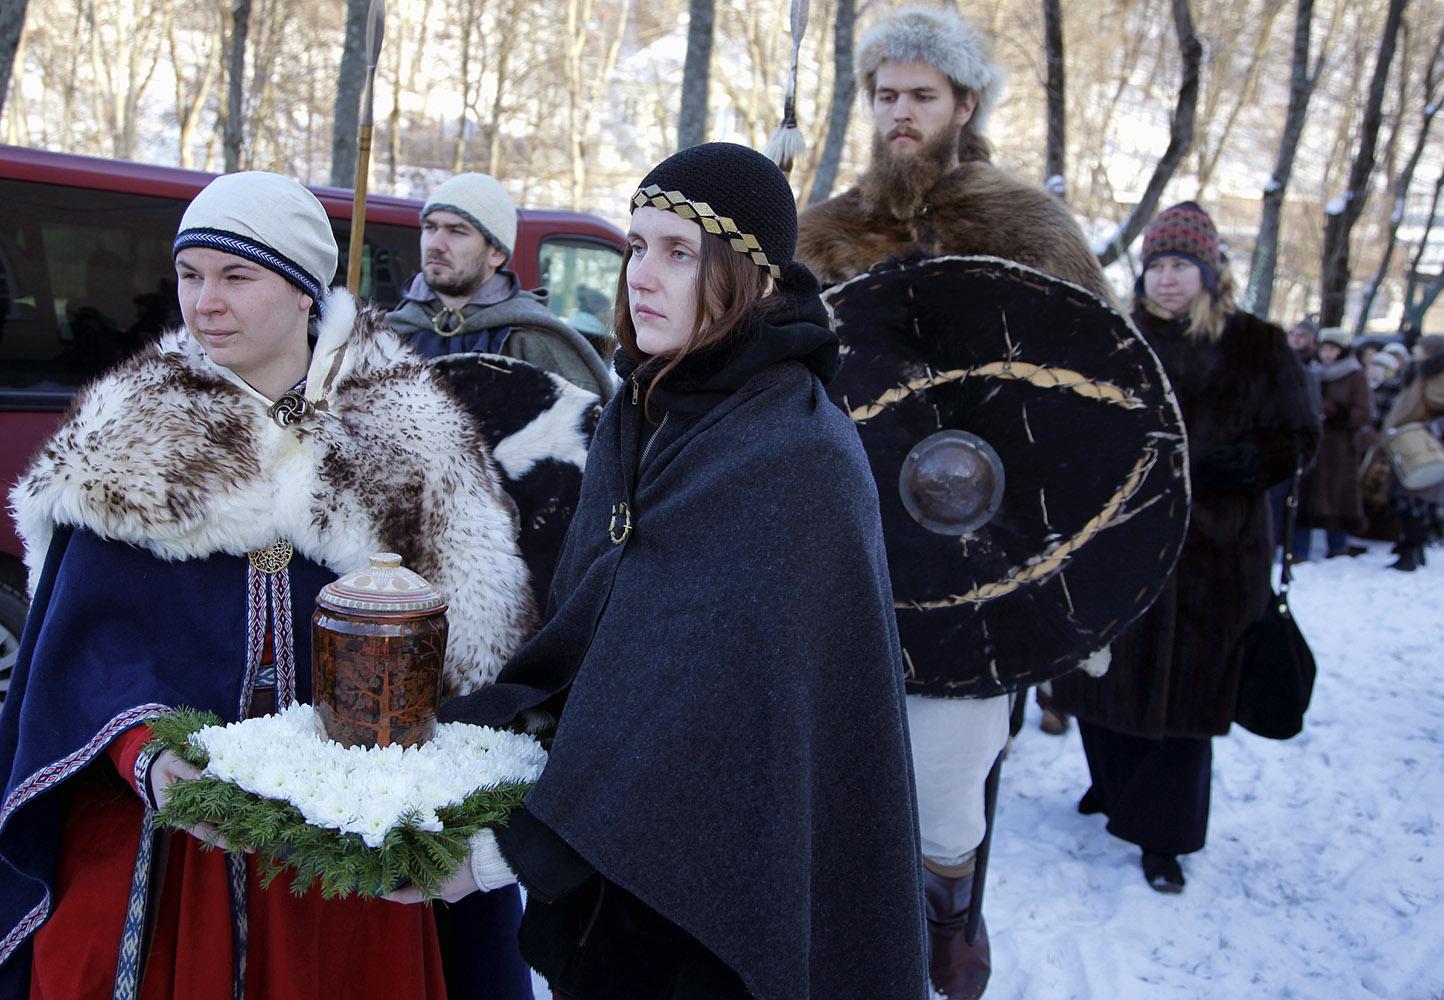 Atsisveikinimo su Kriviu eisena Vilniaus Šventaragio slėniu | Alkas.lt, V.Daraškevičiaus nuotr.